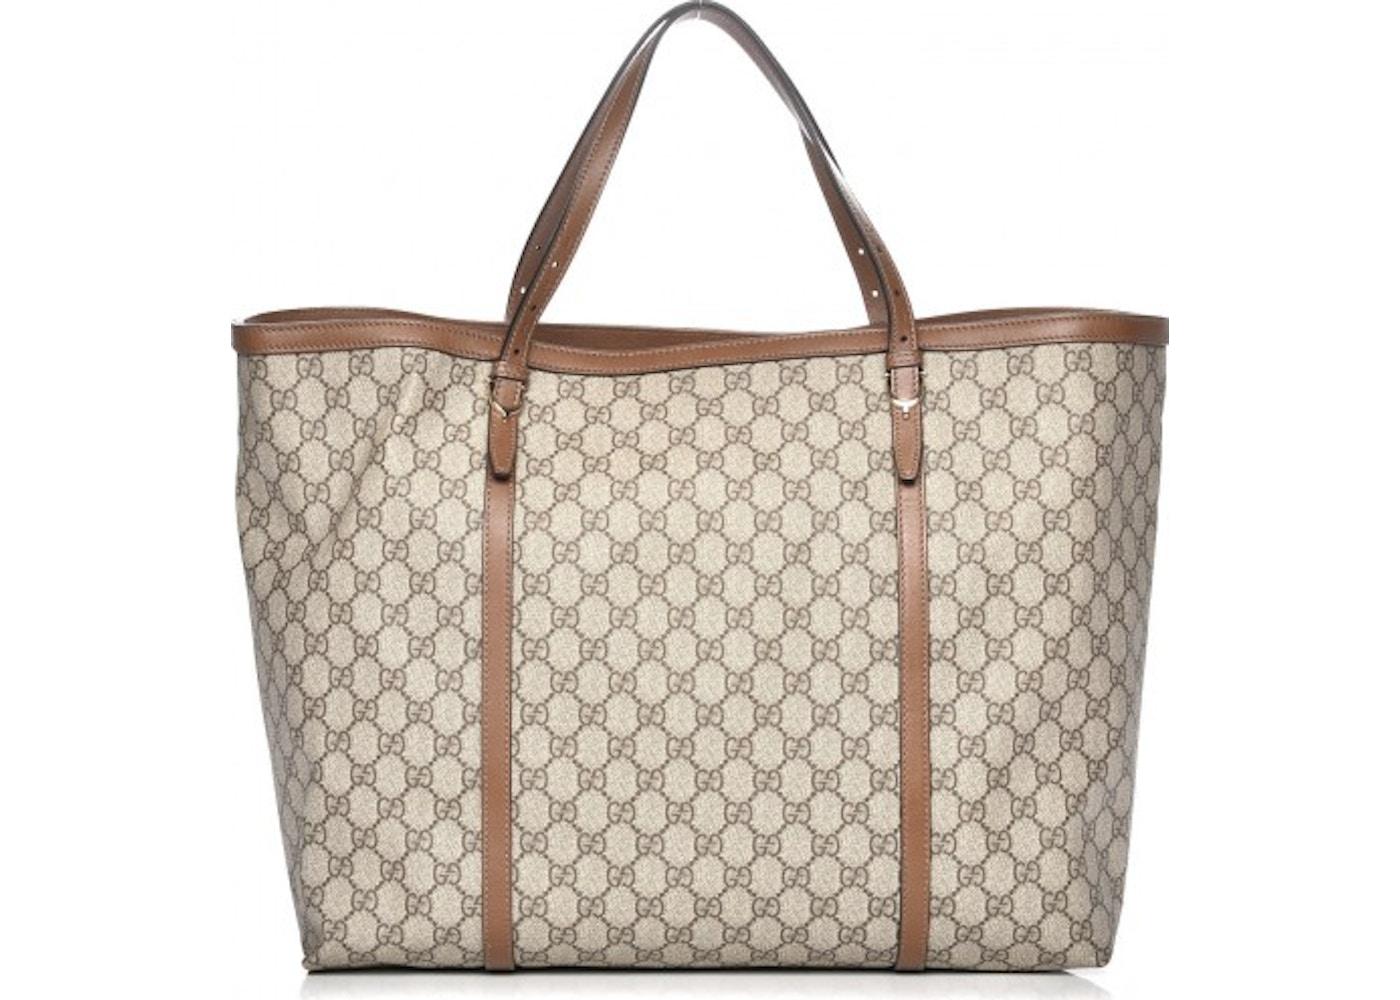 9956012c1310da Gucci Nice Tote Monogram GG Supreme Large Brown/Beige